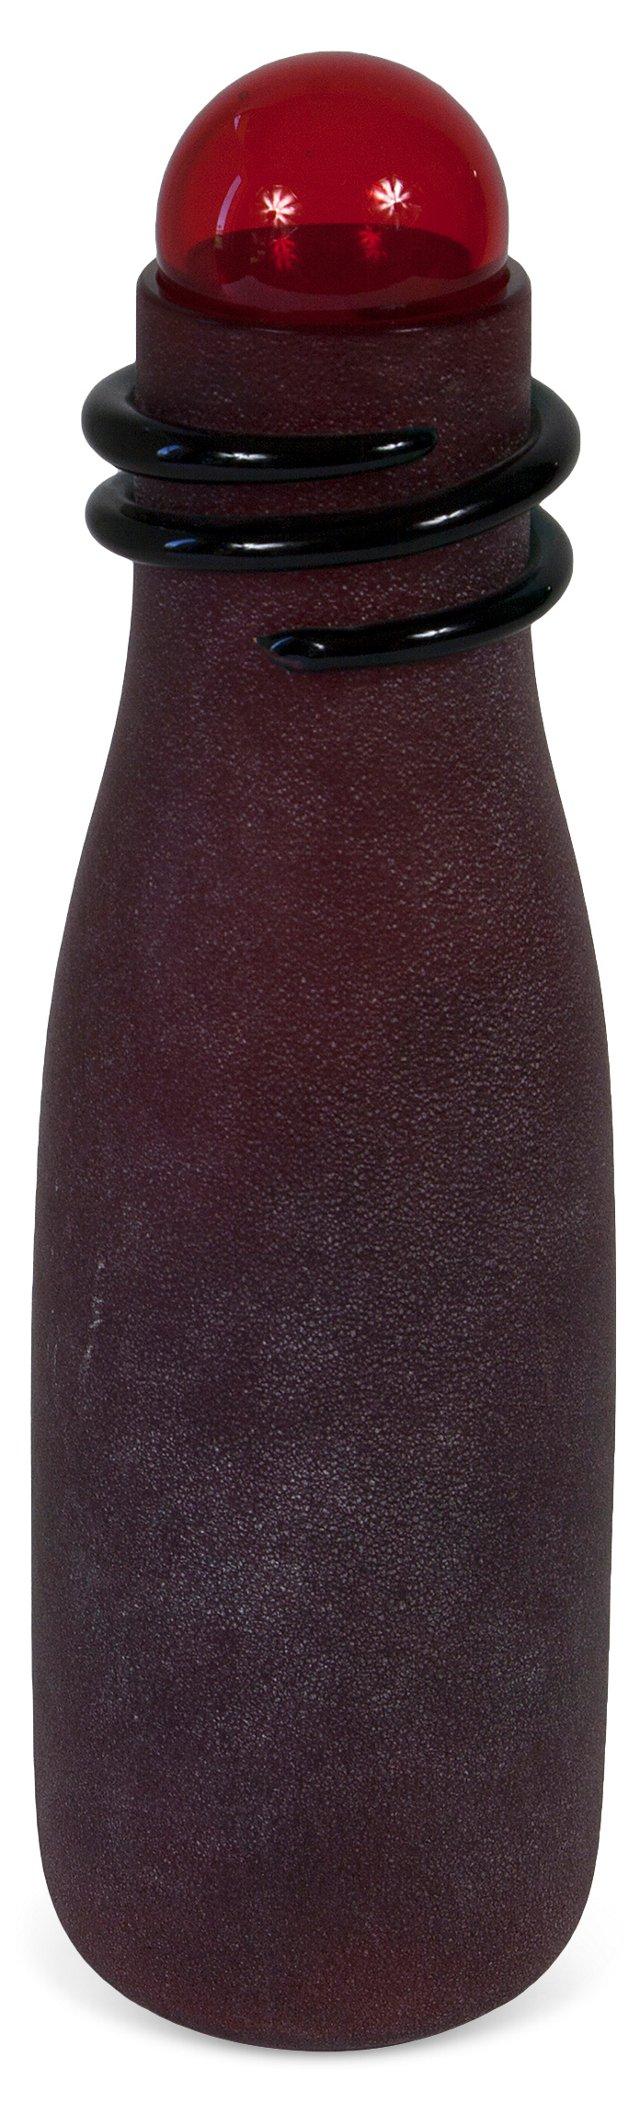 Barbini Bottle